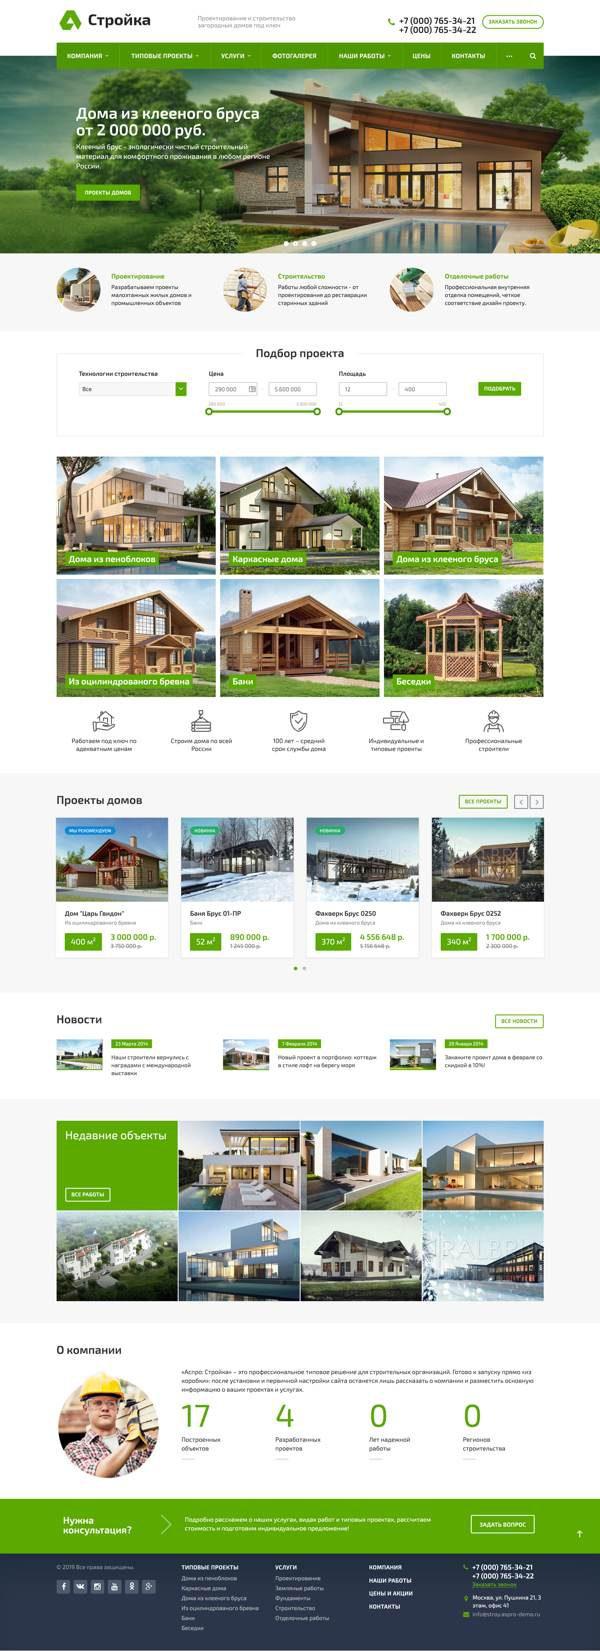 Готовый сайт. Стройка - дома, проекты и строительные работы